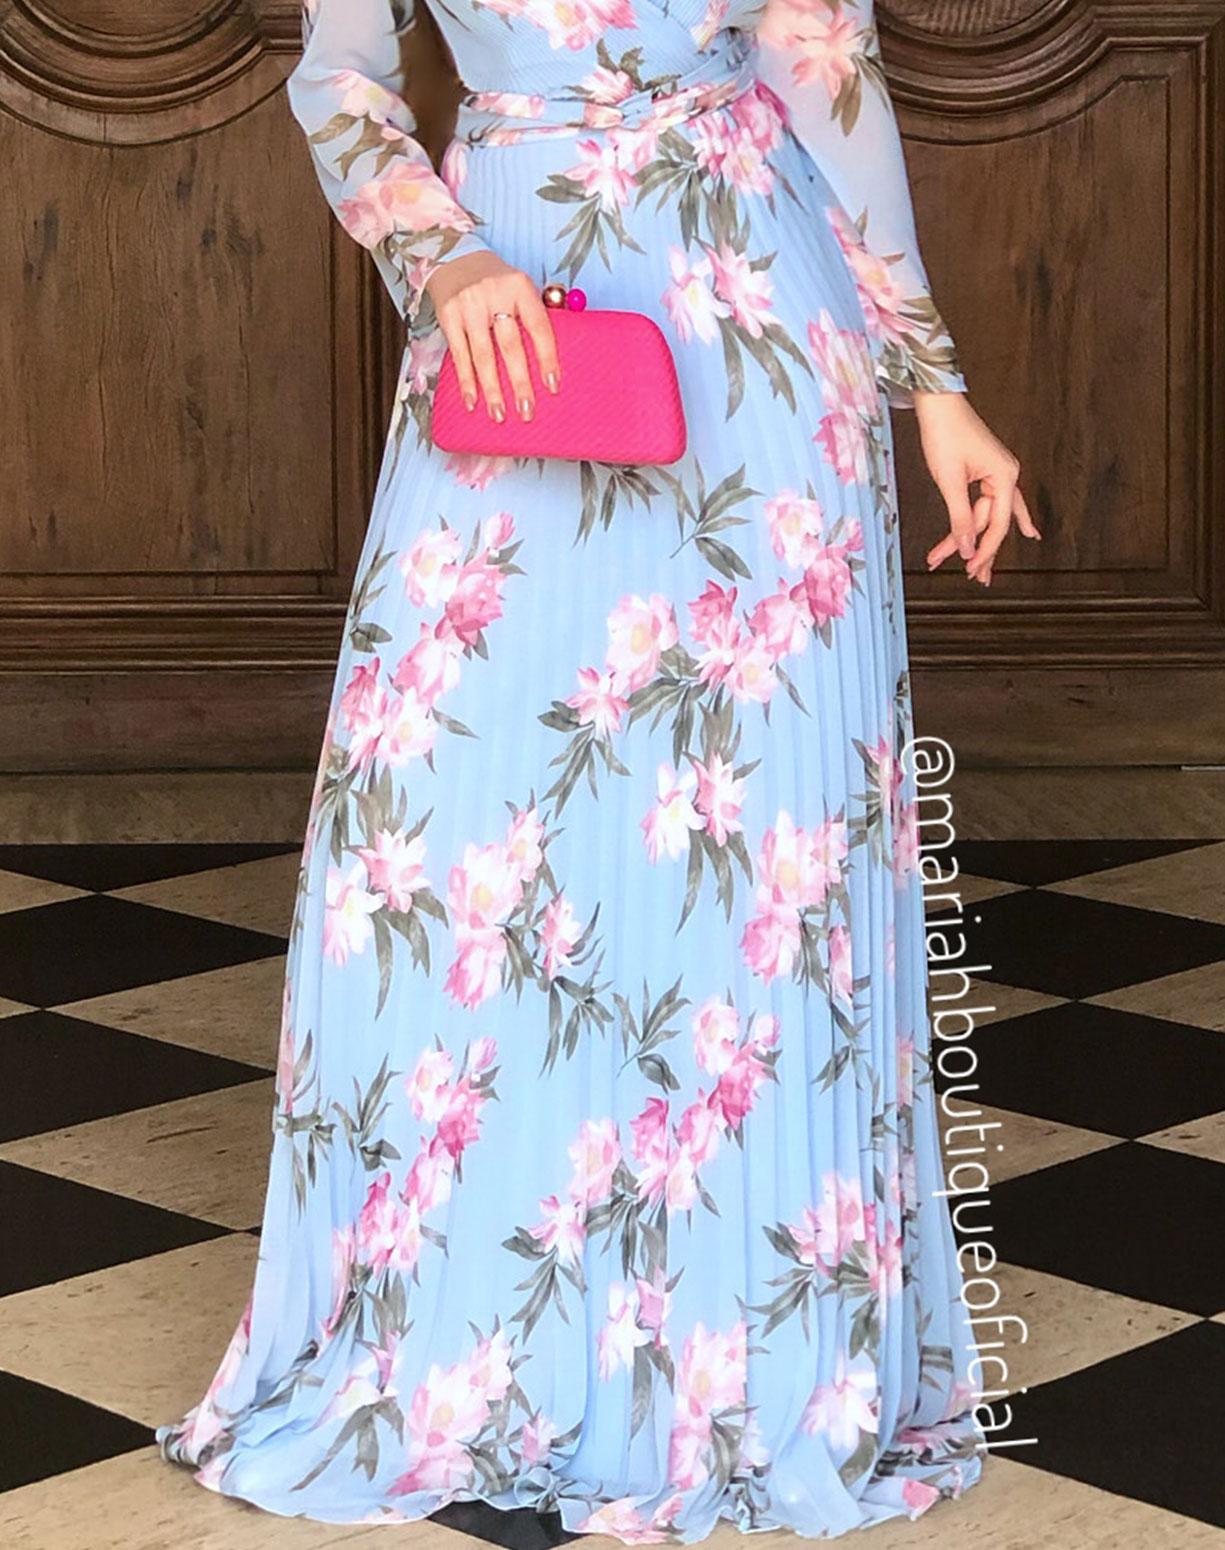 Vestido Azul Serenity floral Plissado